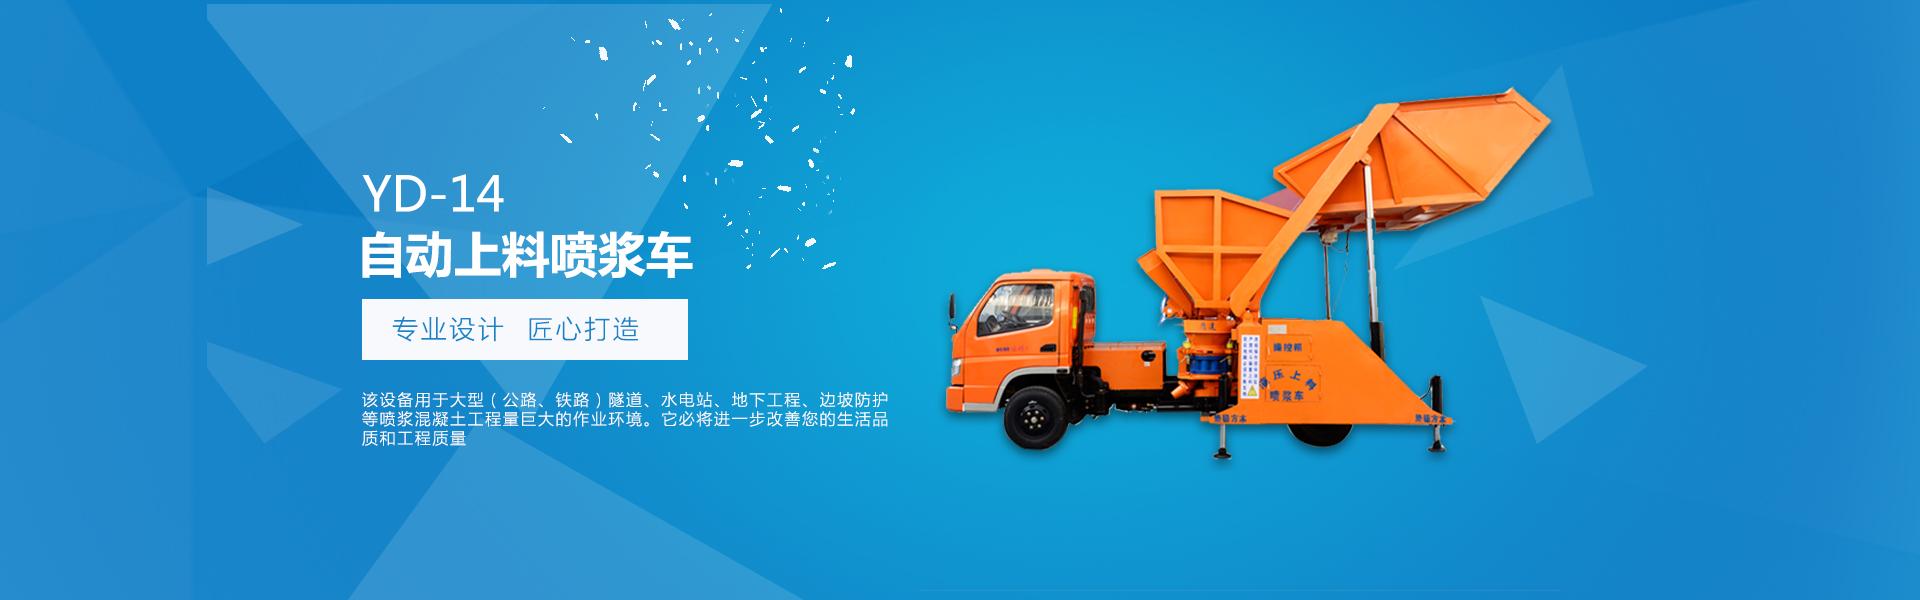 矿用湿式喷浆机公司